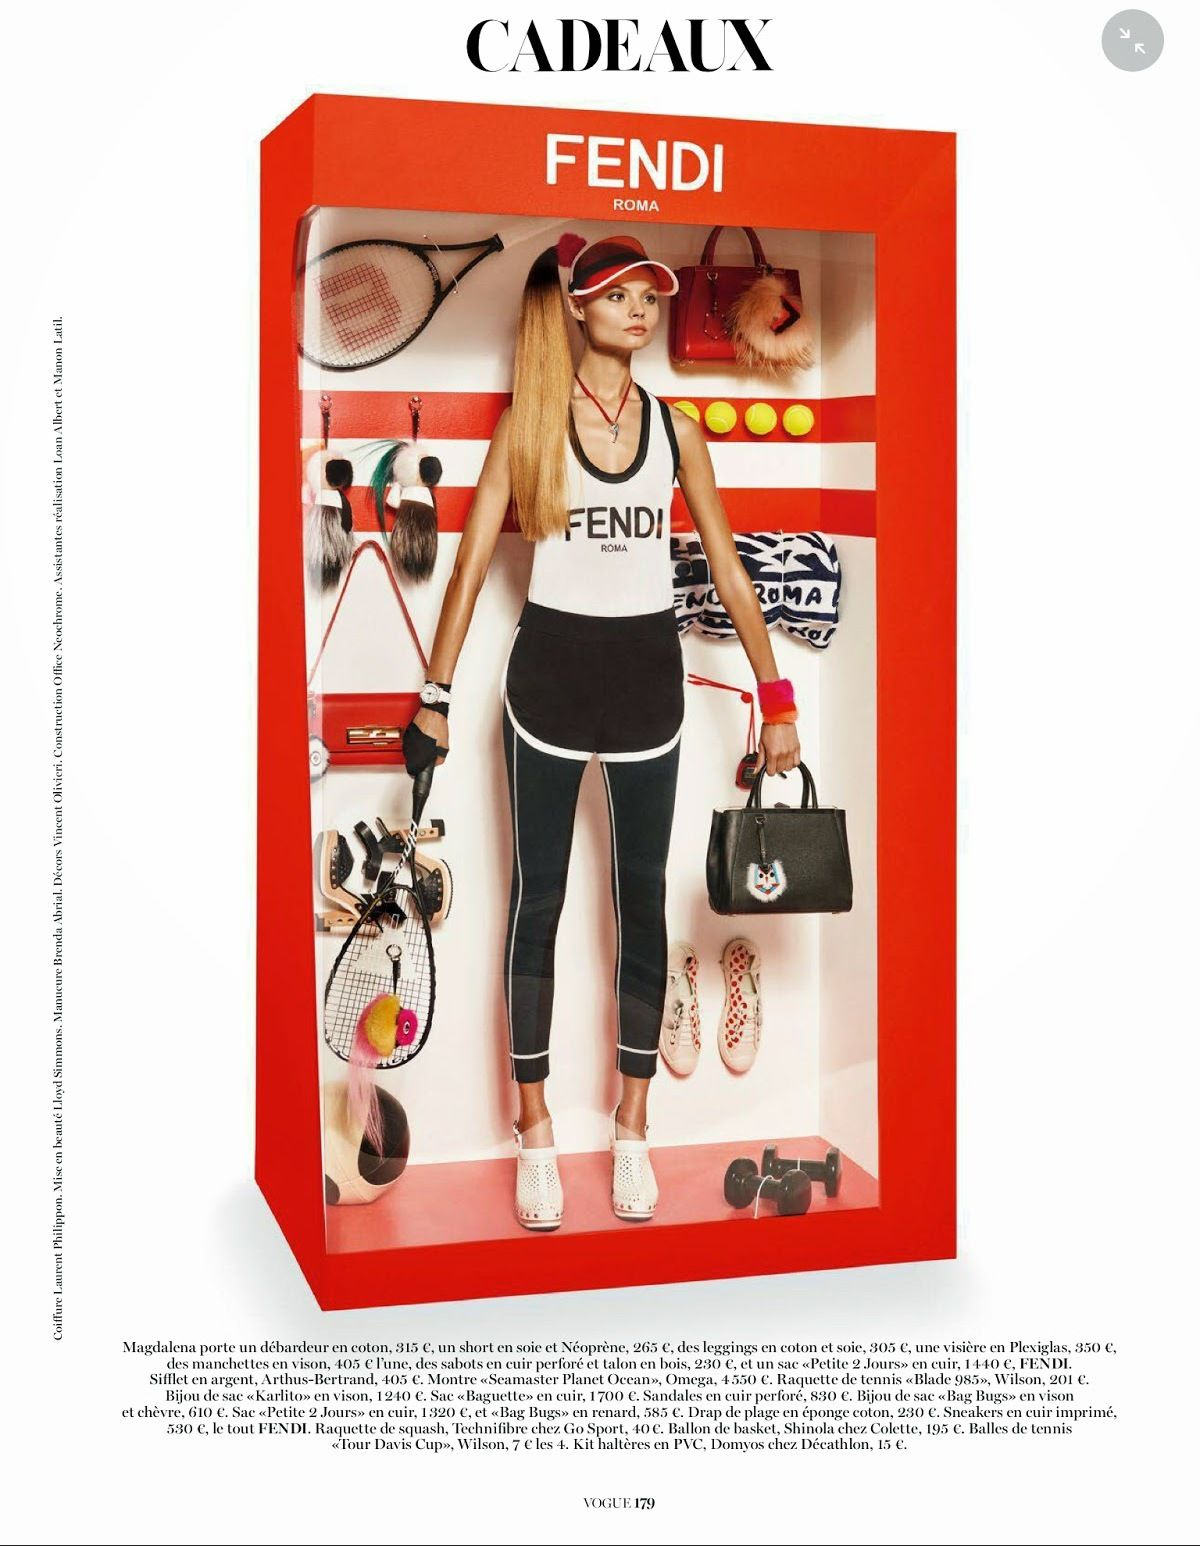 Vogue Paris Dezembro 2014 | Elizabeth Erm e Magdalena Frackowiak por Giampaolo Sgura   [Editorial]